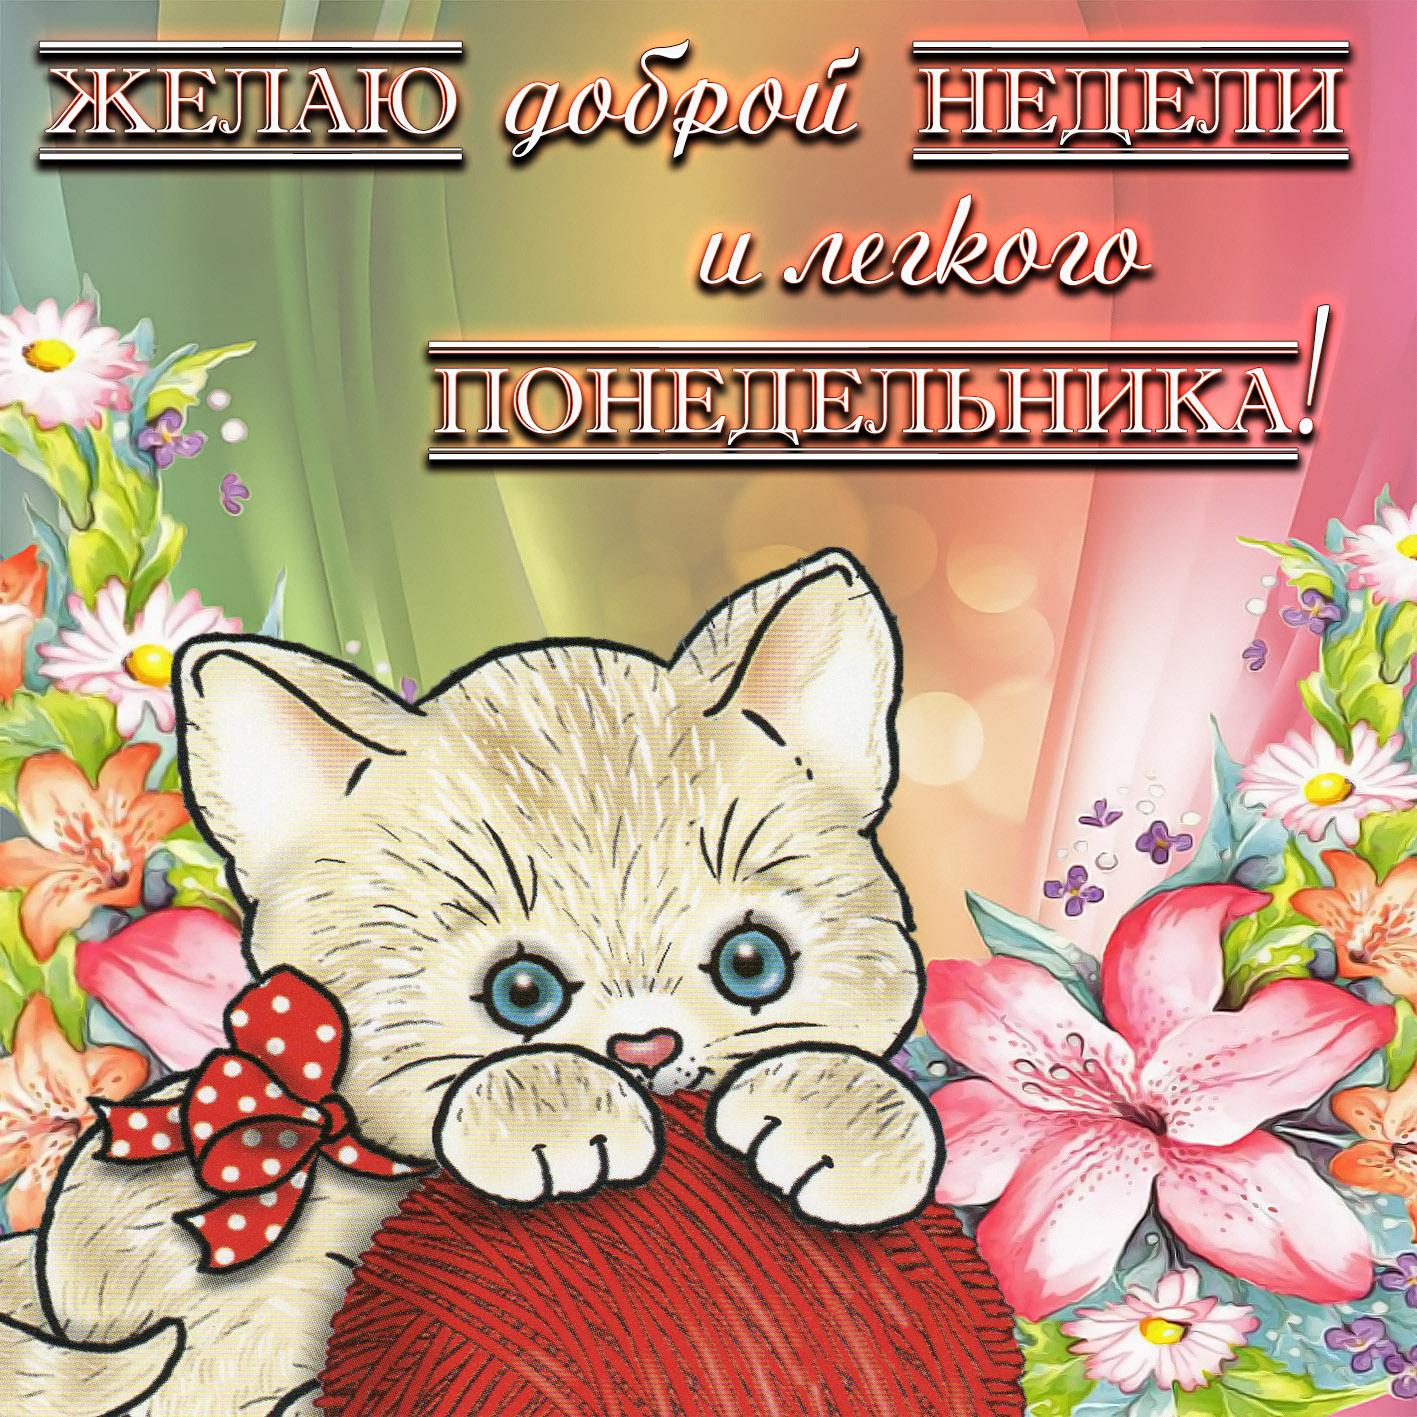 Открытка на понедельник - котёнок с клубком среди цветочков